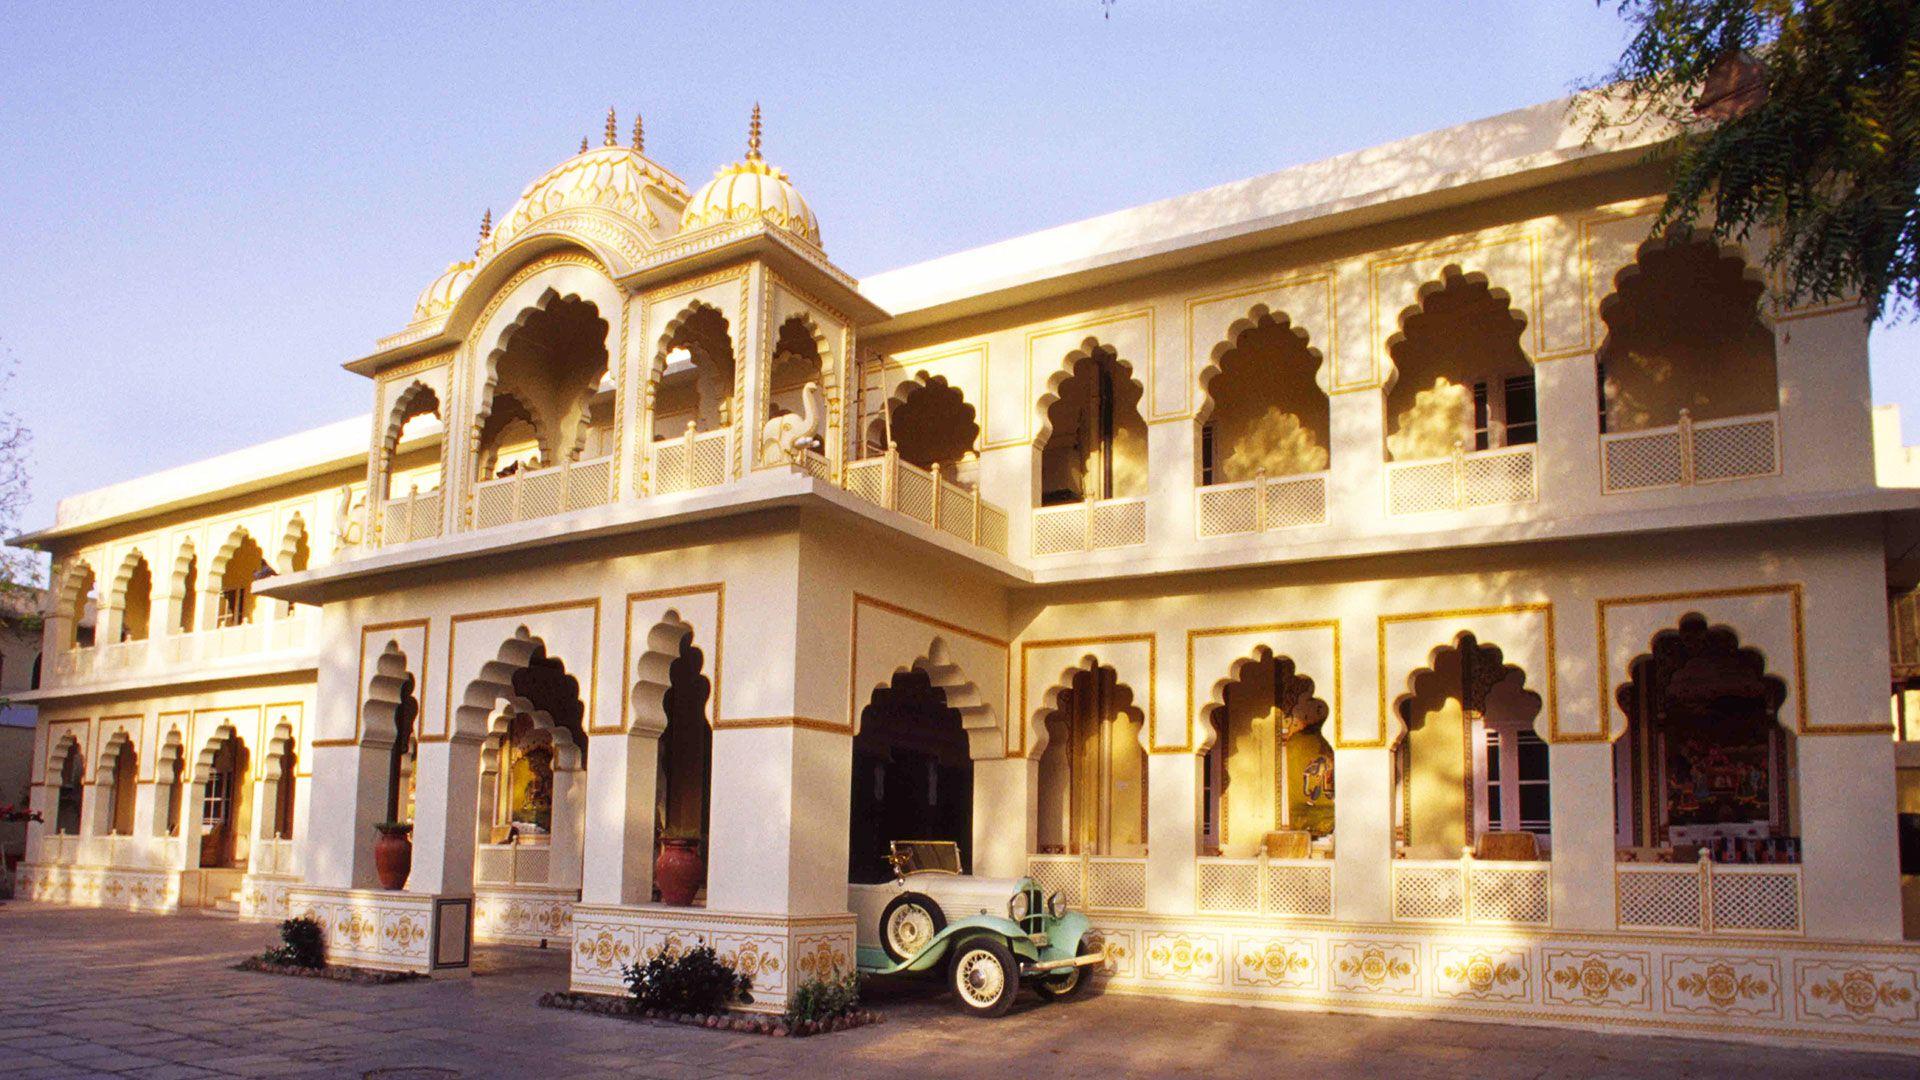 Jaipur hotels under 5k a night Destination wedding, Top